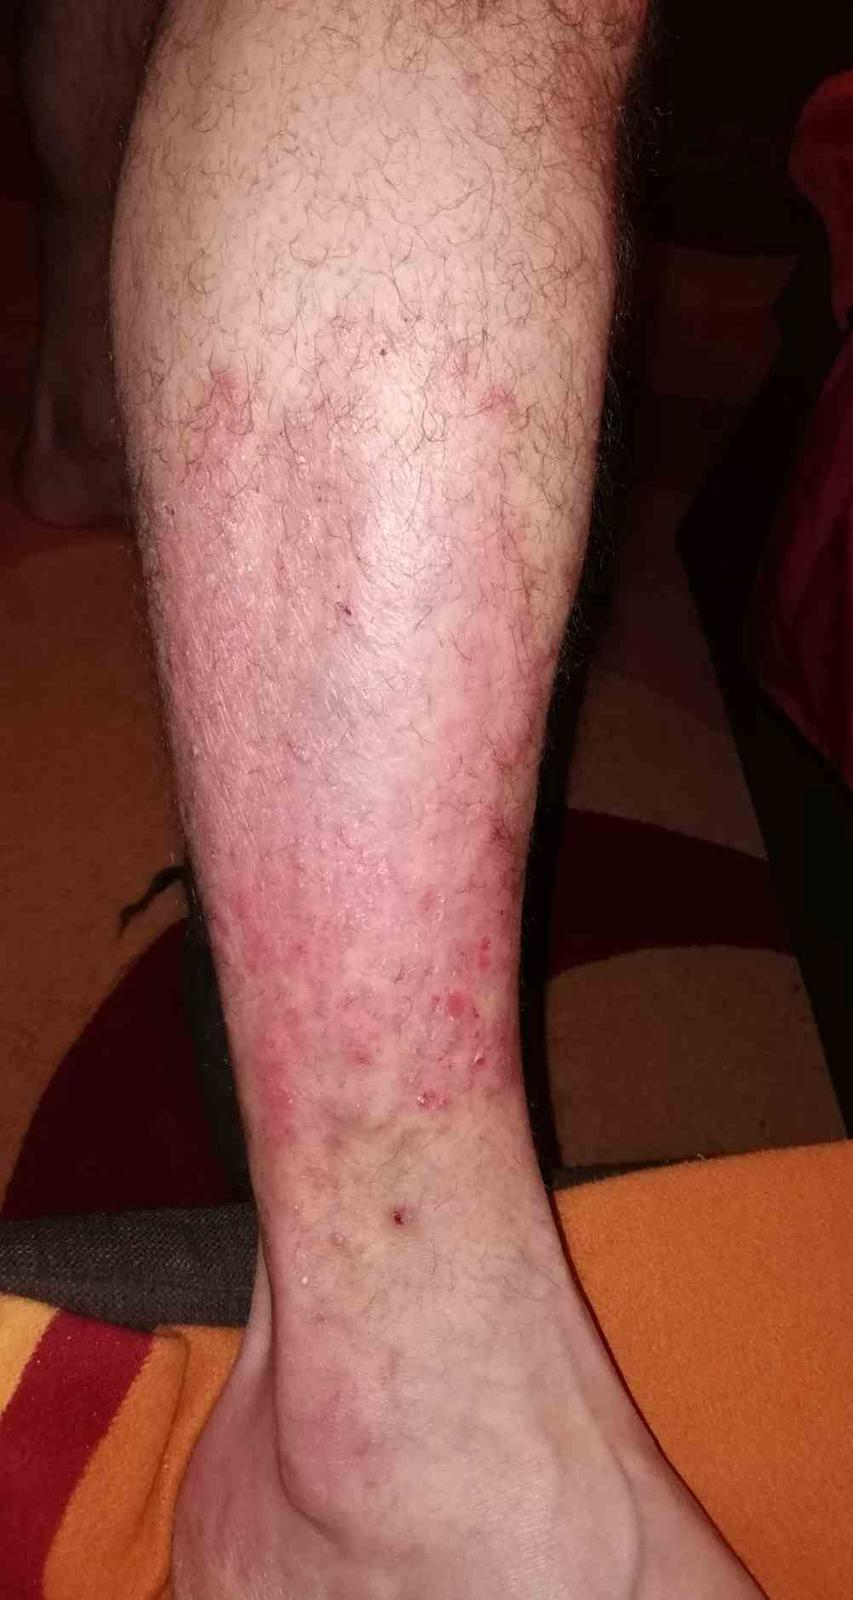 nagy kerek vörös folt a lábán Ivan tea pikkelysömör kezelése